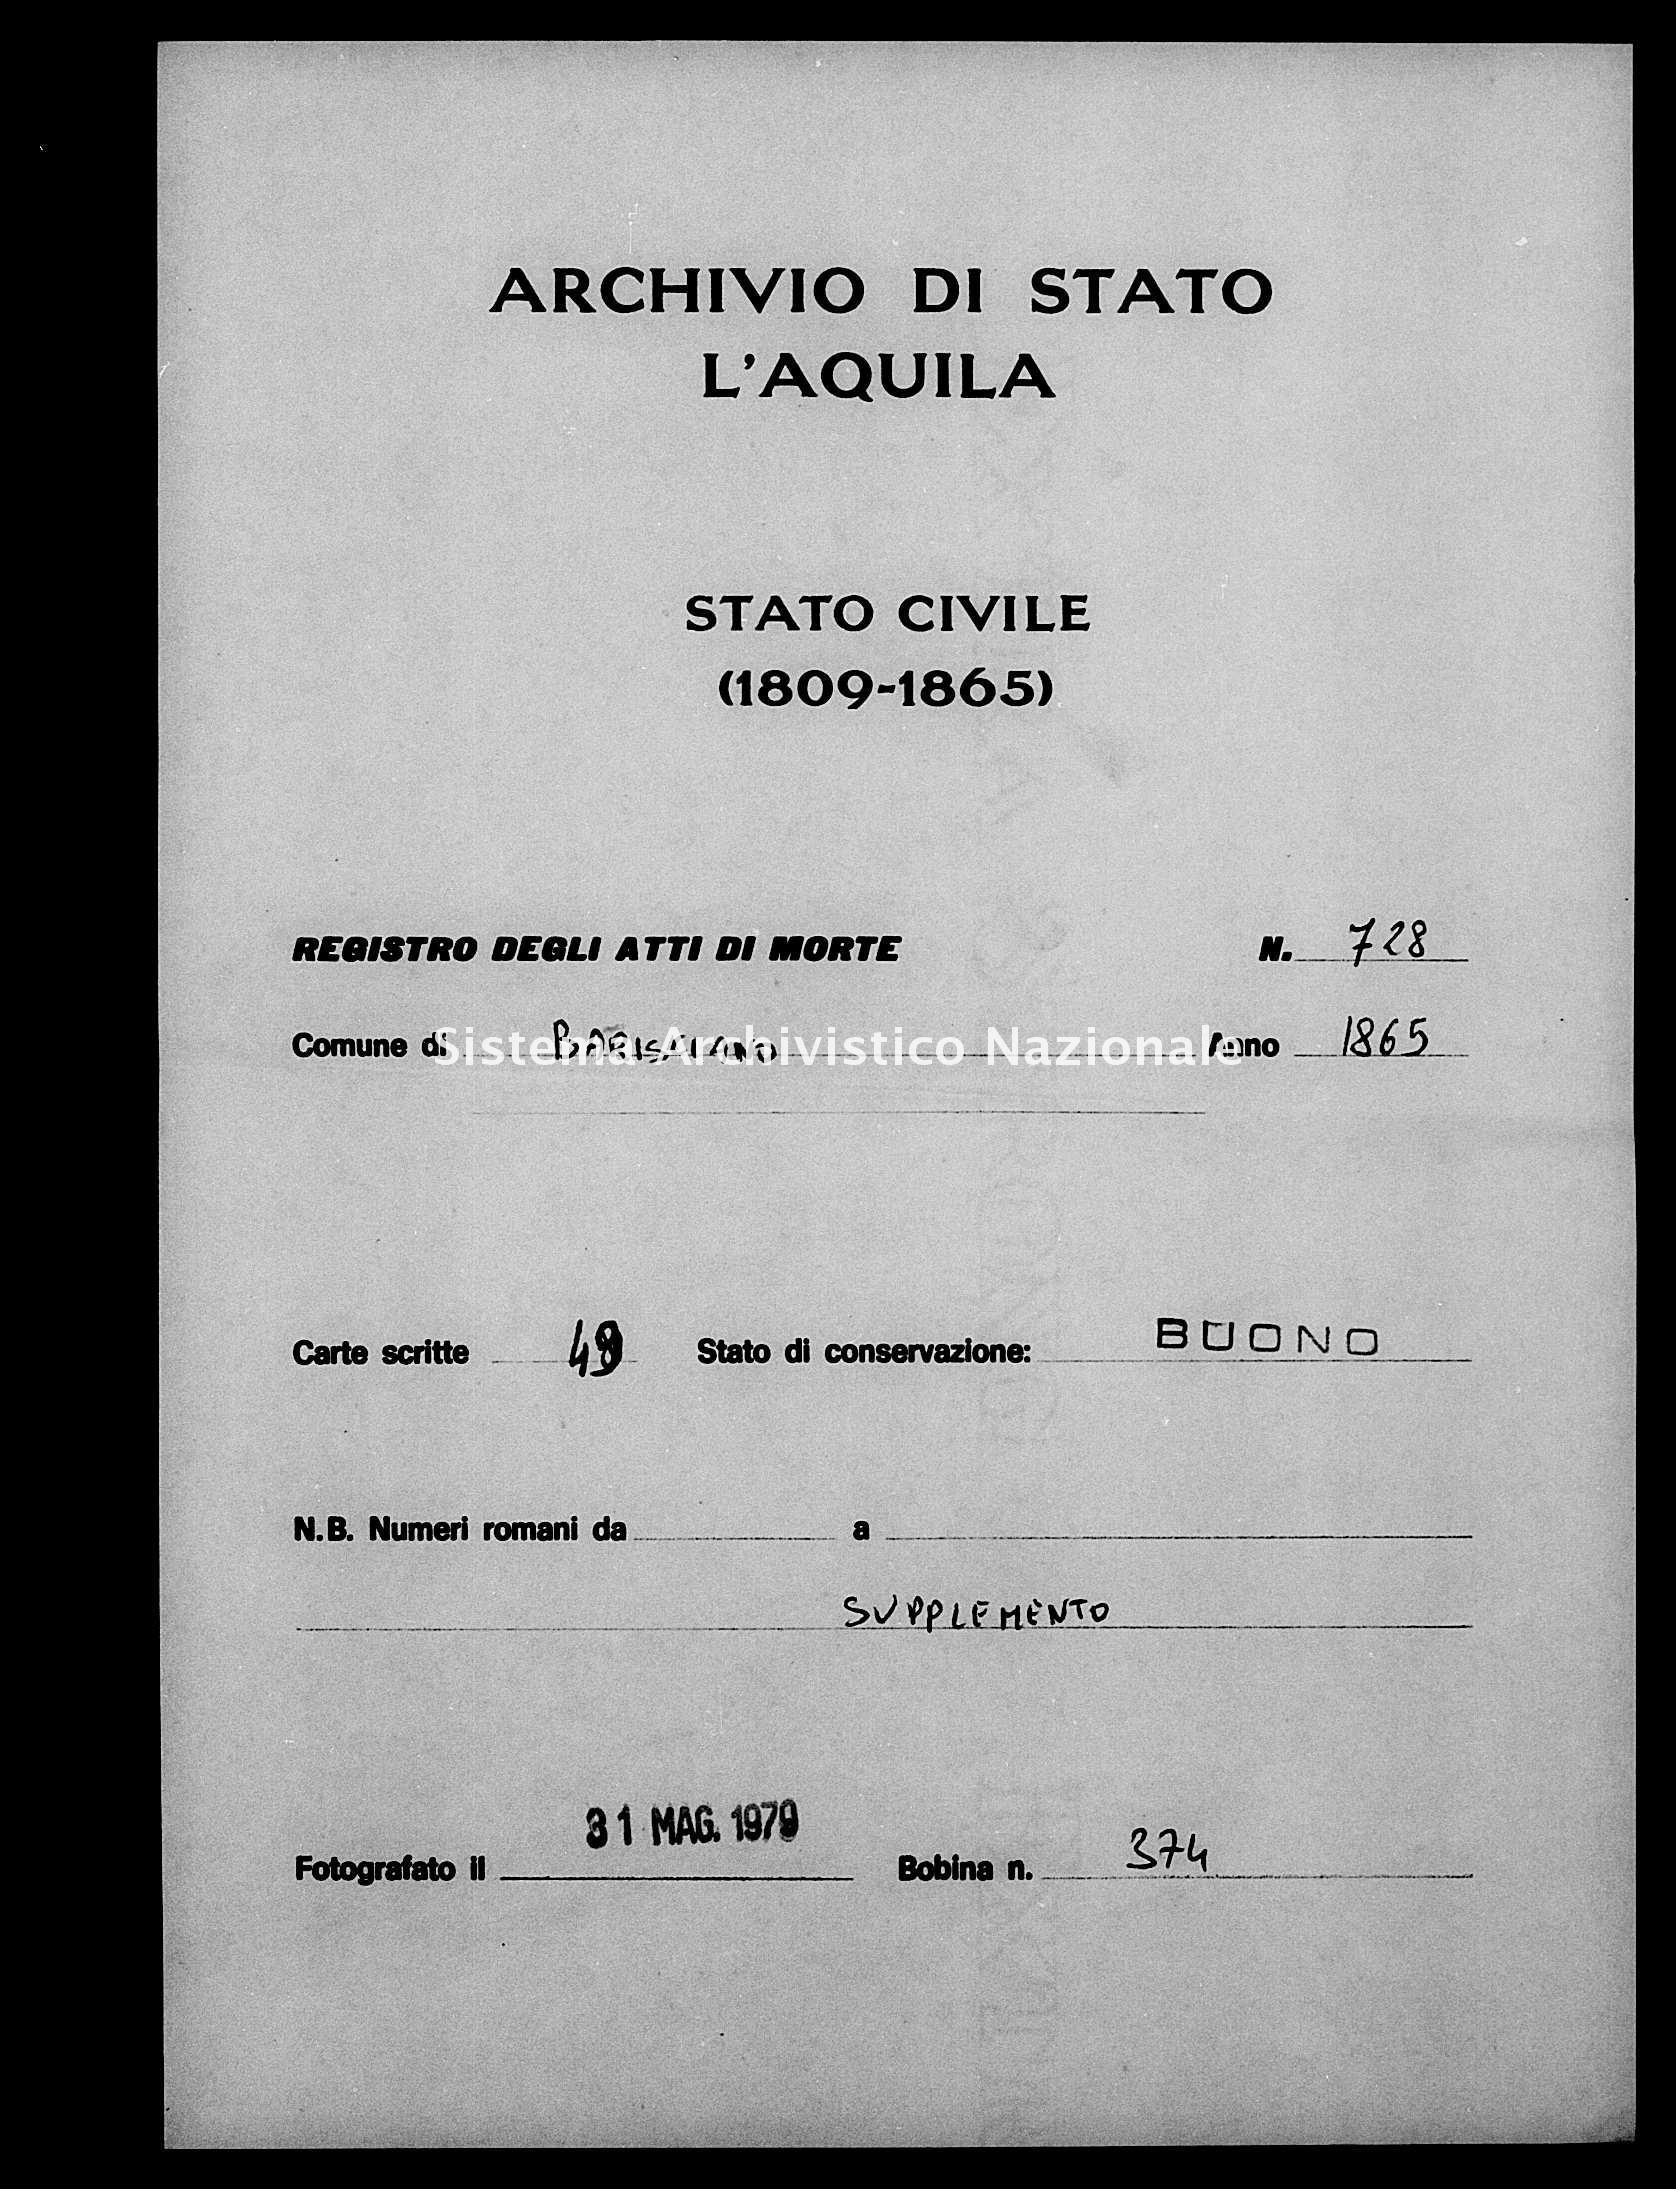 Archivio di stato di L'aquila - Stato civile italiano - Barisciano - Morti, sepoltura - 1865 - 728 -